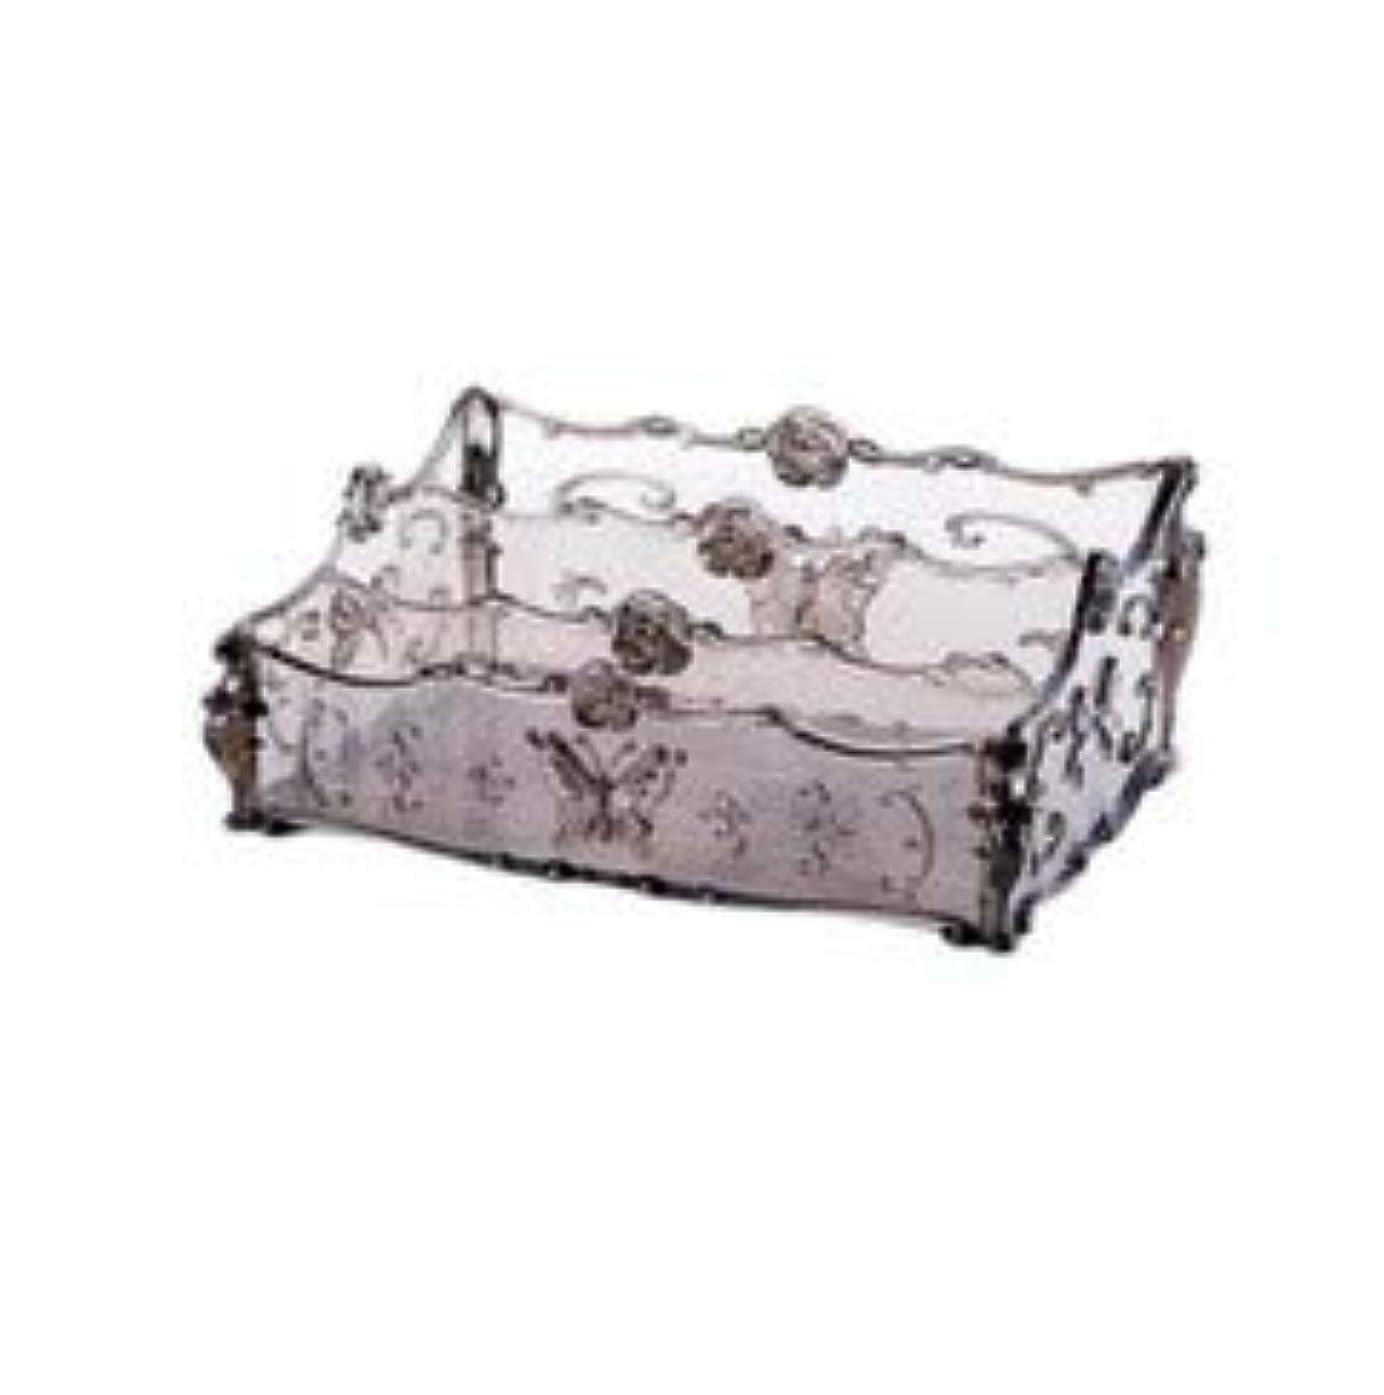 忌避剤ステープル罪フラワー彫刻デスクトップ化粧品収納ボックス化粧台透明ラック家庭用プラスチックマルチカラースキンケア製品仕上げボックス (Color : Transparent gray)